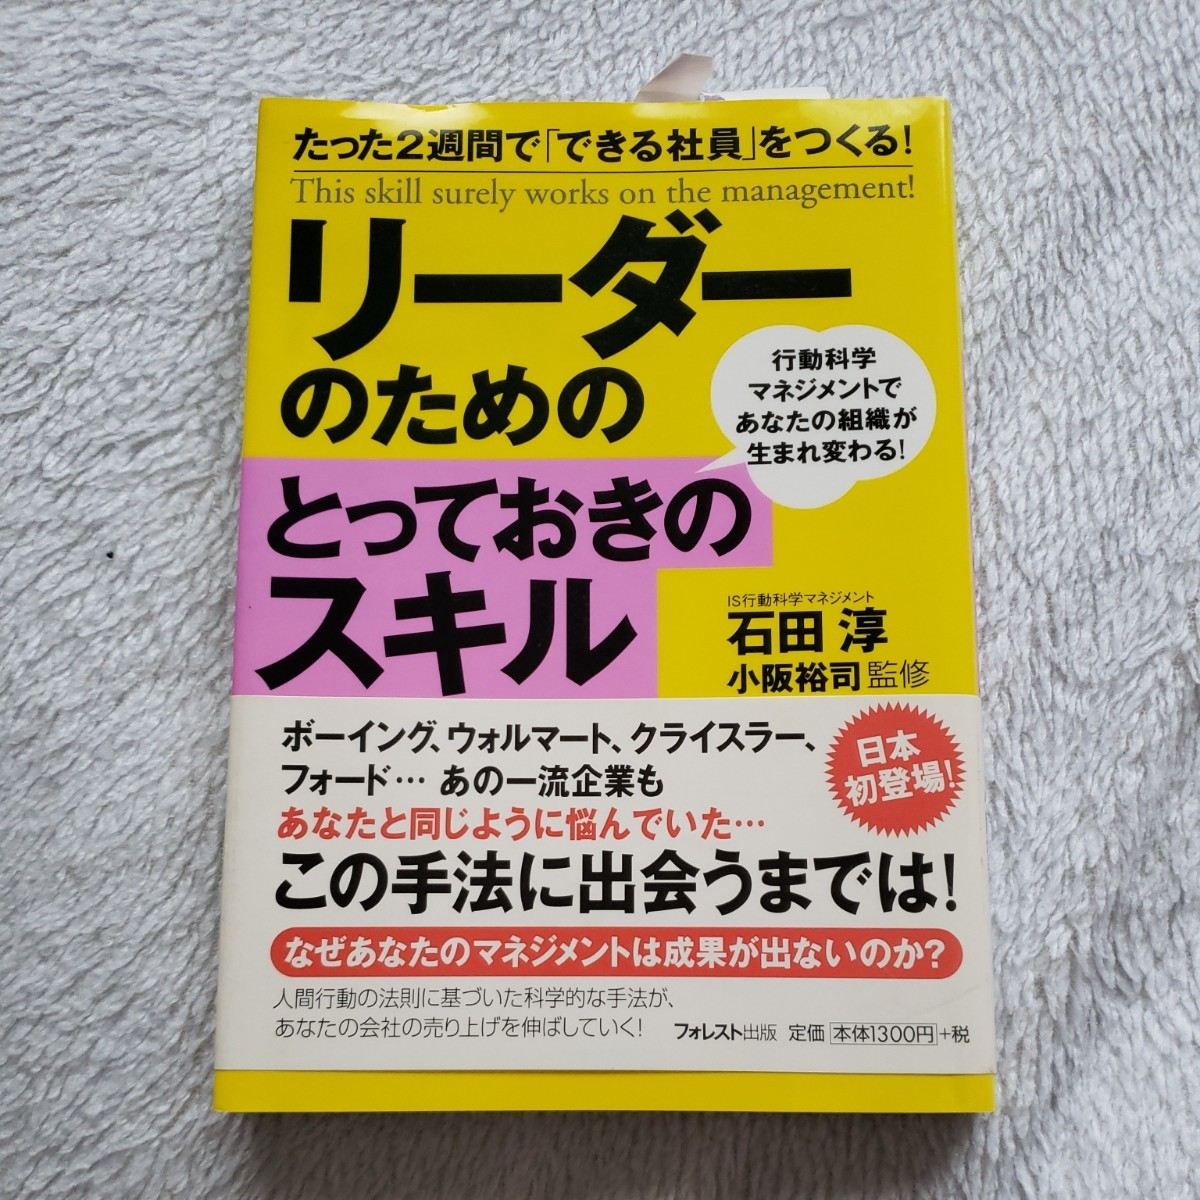 リ-ダ-のためのとっておきのスキル 員」石田淳 (単行本(ソフトカバー)) 中古